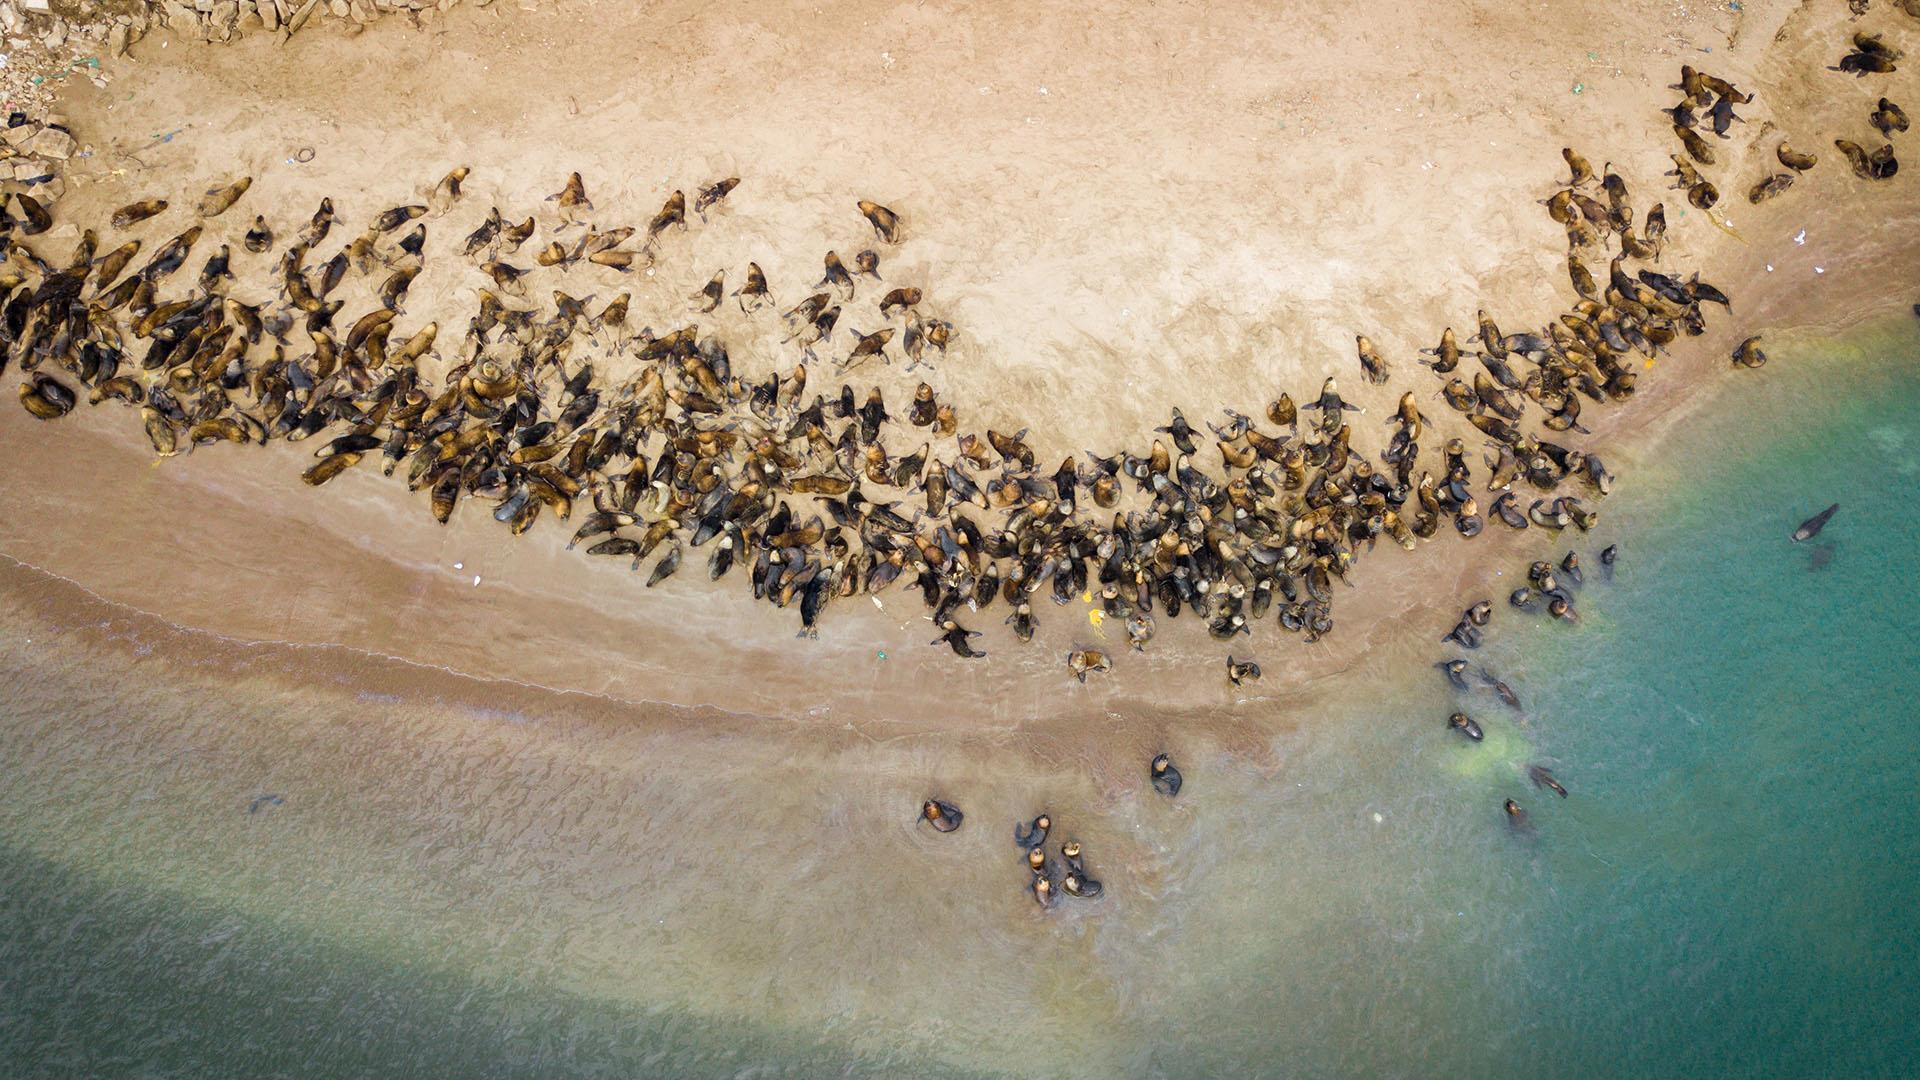 Mar del Plata posee una reserva de lobos marinos en una pequeña área protegida urbana situada en la costa marítima